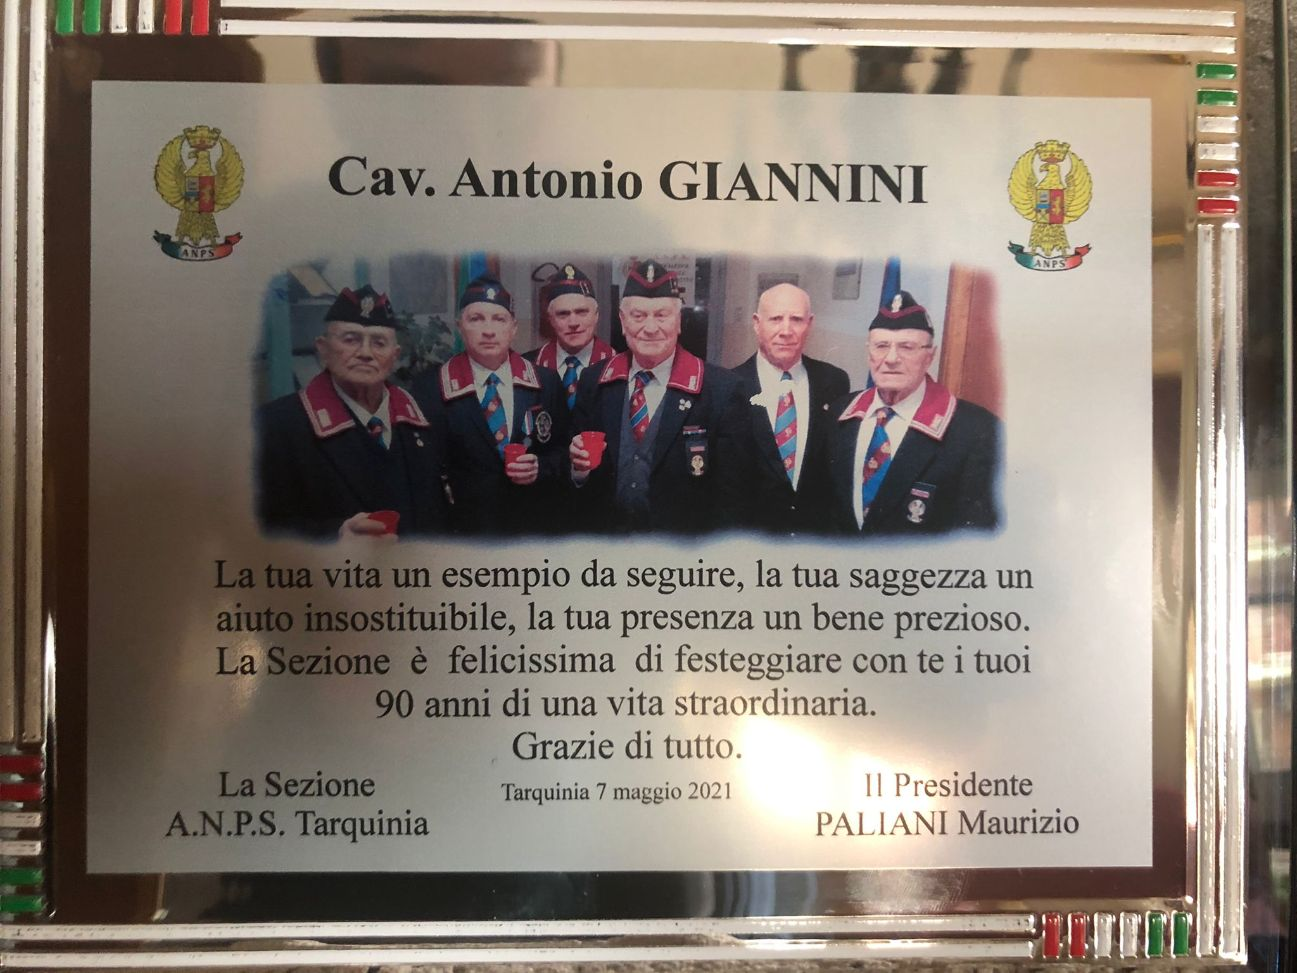 Tarquinia, una targa ricordo in cristallo e una pergamena per il 90esimo compleanno di Antonio Giannini